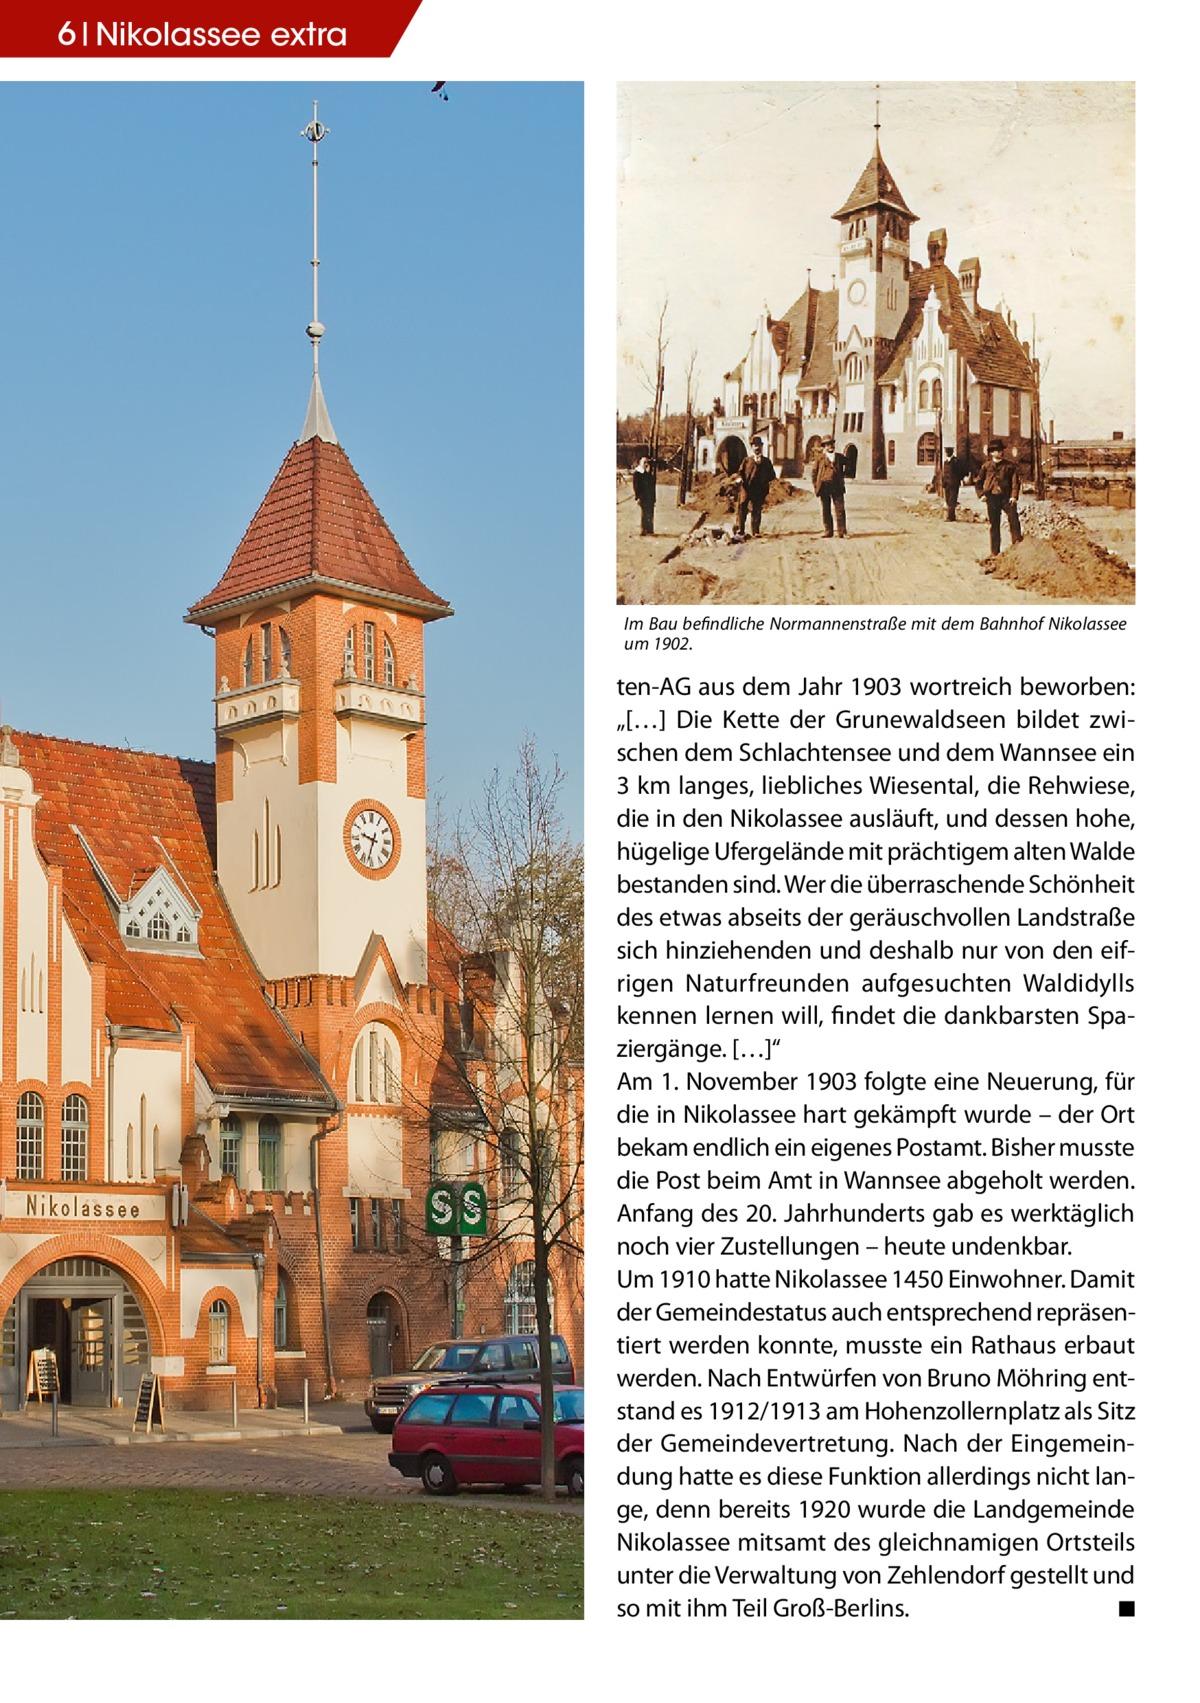 """6 Nikolassee extra  Im Bau befindliche Normannenstraße mit dem Bahnhof Nikolassee um 1902.  ten-AG aus dem Jahr 1903 wortreich beworben: """"[…] Die Kette der Grunewaldseen bildet zwischen dem Schlachtensee und dem Wannsee ein 3 km langes, liebliches Wiesental, die Rehwiese, die in den Nikolassee ausläuft, und dessen hohe, hügelige Ufergelände mit prächtigem alten Walde bestanden sind. Wer die überraschende Schönheit des etwas abseits der geräuschvollen Landstraße sich hinziehenden und deshalb nur von den eifrigen Naturfreunden aufgesuchten Waldidylls kennen lernen will, findet die dankbarsten Spaziergänge. […]"""" Am 1. November 1903 folgte eine Neuerung, für die in Nikolassee hart gekämpft wurde – der Ort bekam endlich ein eigenes Postamt. Bisher musste die Post beim Amt in Wannsee abgeholt werden. Anfang des 20. Jahrhunderts gab es werktäglich noch vier Zustellungen – heute undenkbar. Um 1910 hatte Nikolassee 1450 Einwohner. Damit der Gemeindestatus auch entsprechend repräsentiert werden konnte, musste ein Rathaus erbaut werden. Nach Entwürfen von Bruno Möhring entstand es 1912/1913 am Hohenzollernplatz als Sitz der Gemeindevertretung. Nach der Eingemeindung hatte es diese Funktion allerdings nicht lange, denn bereits 1920 wurde die Landgemeinde Nikolassee mitsamt des gleichnamigen Ortsteils unter die Verwaltung von Zehlendorf gestellt und so mit ihm Teil Groß-Berlins.� ◾"""